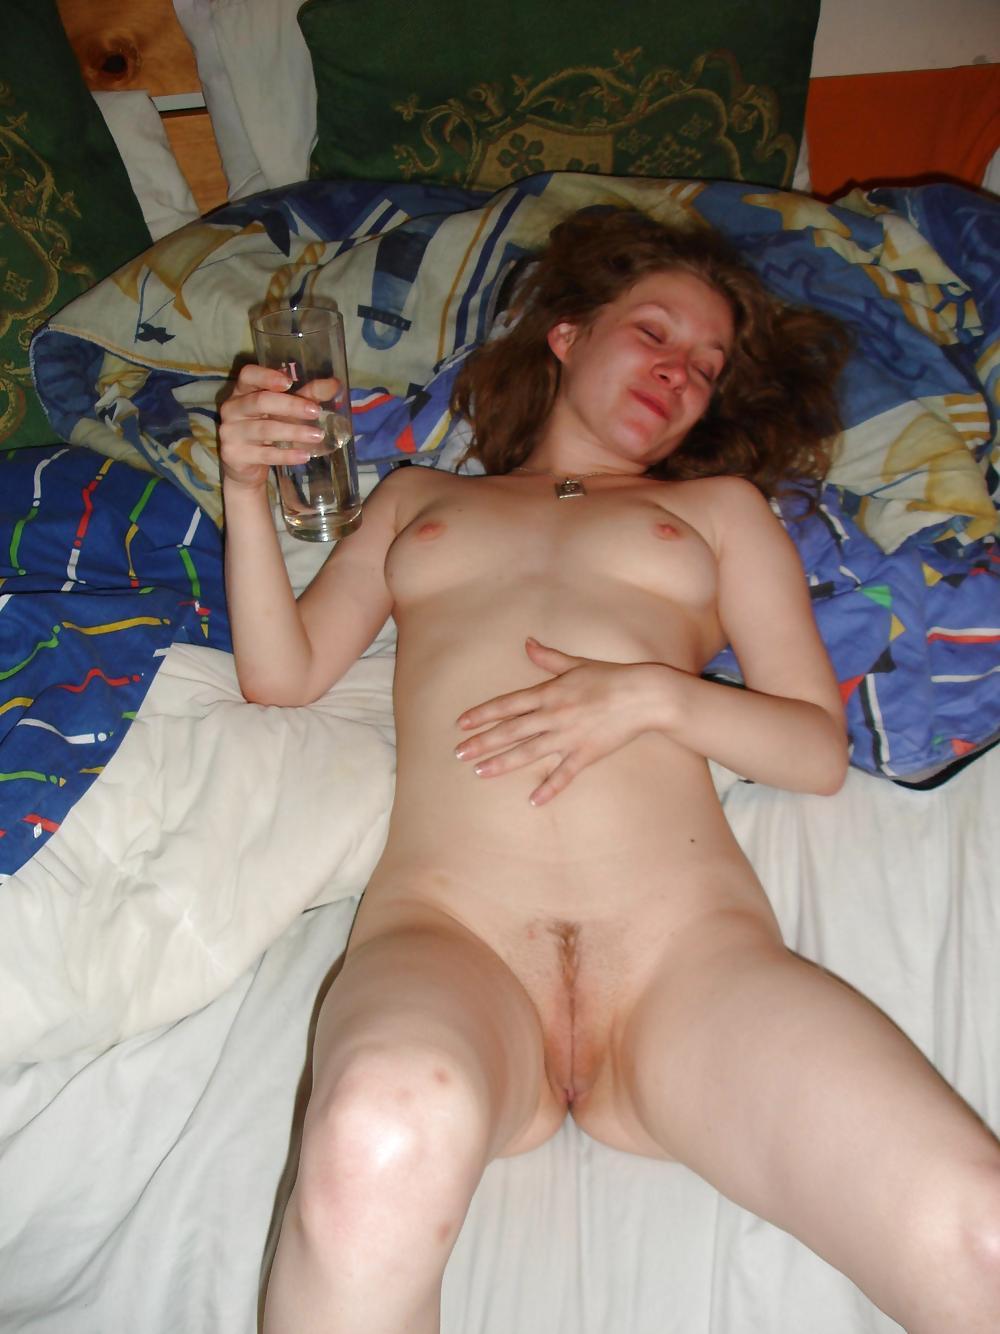 Молодая цыпочка разделась догола после того как выпила пива